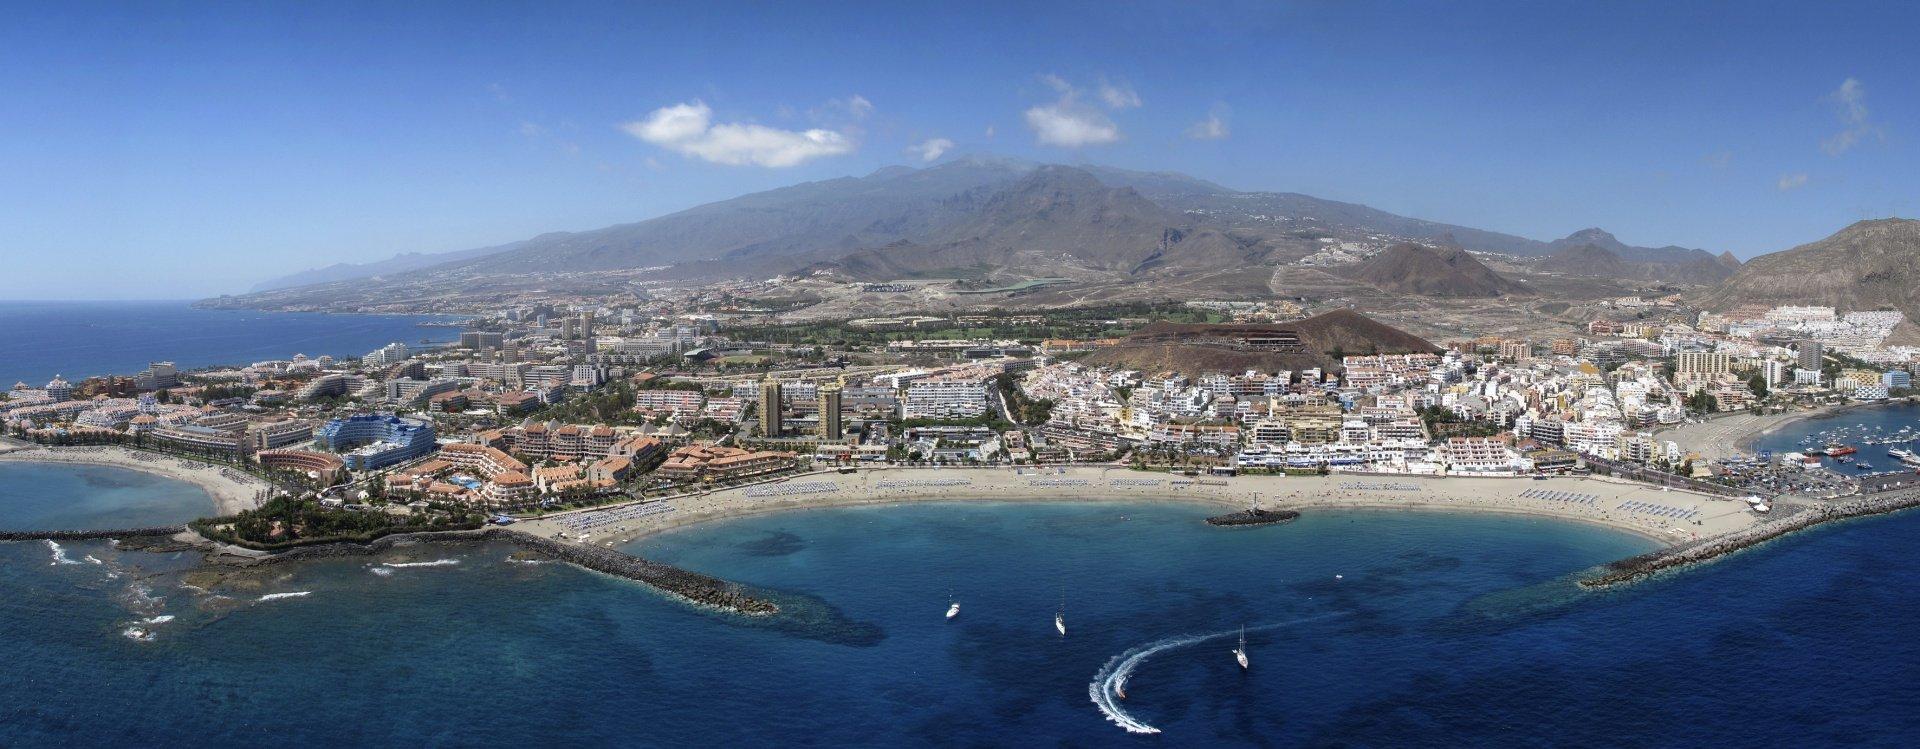 Arona-Tenerife-Islas Canarias